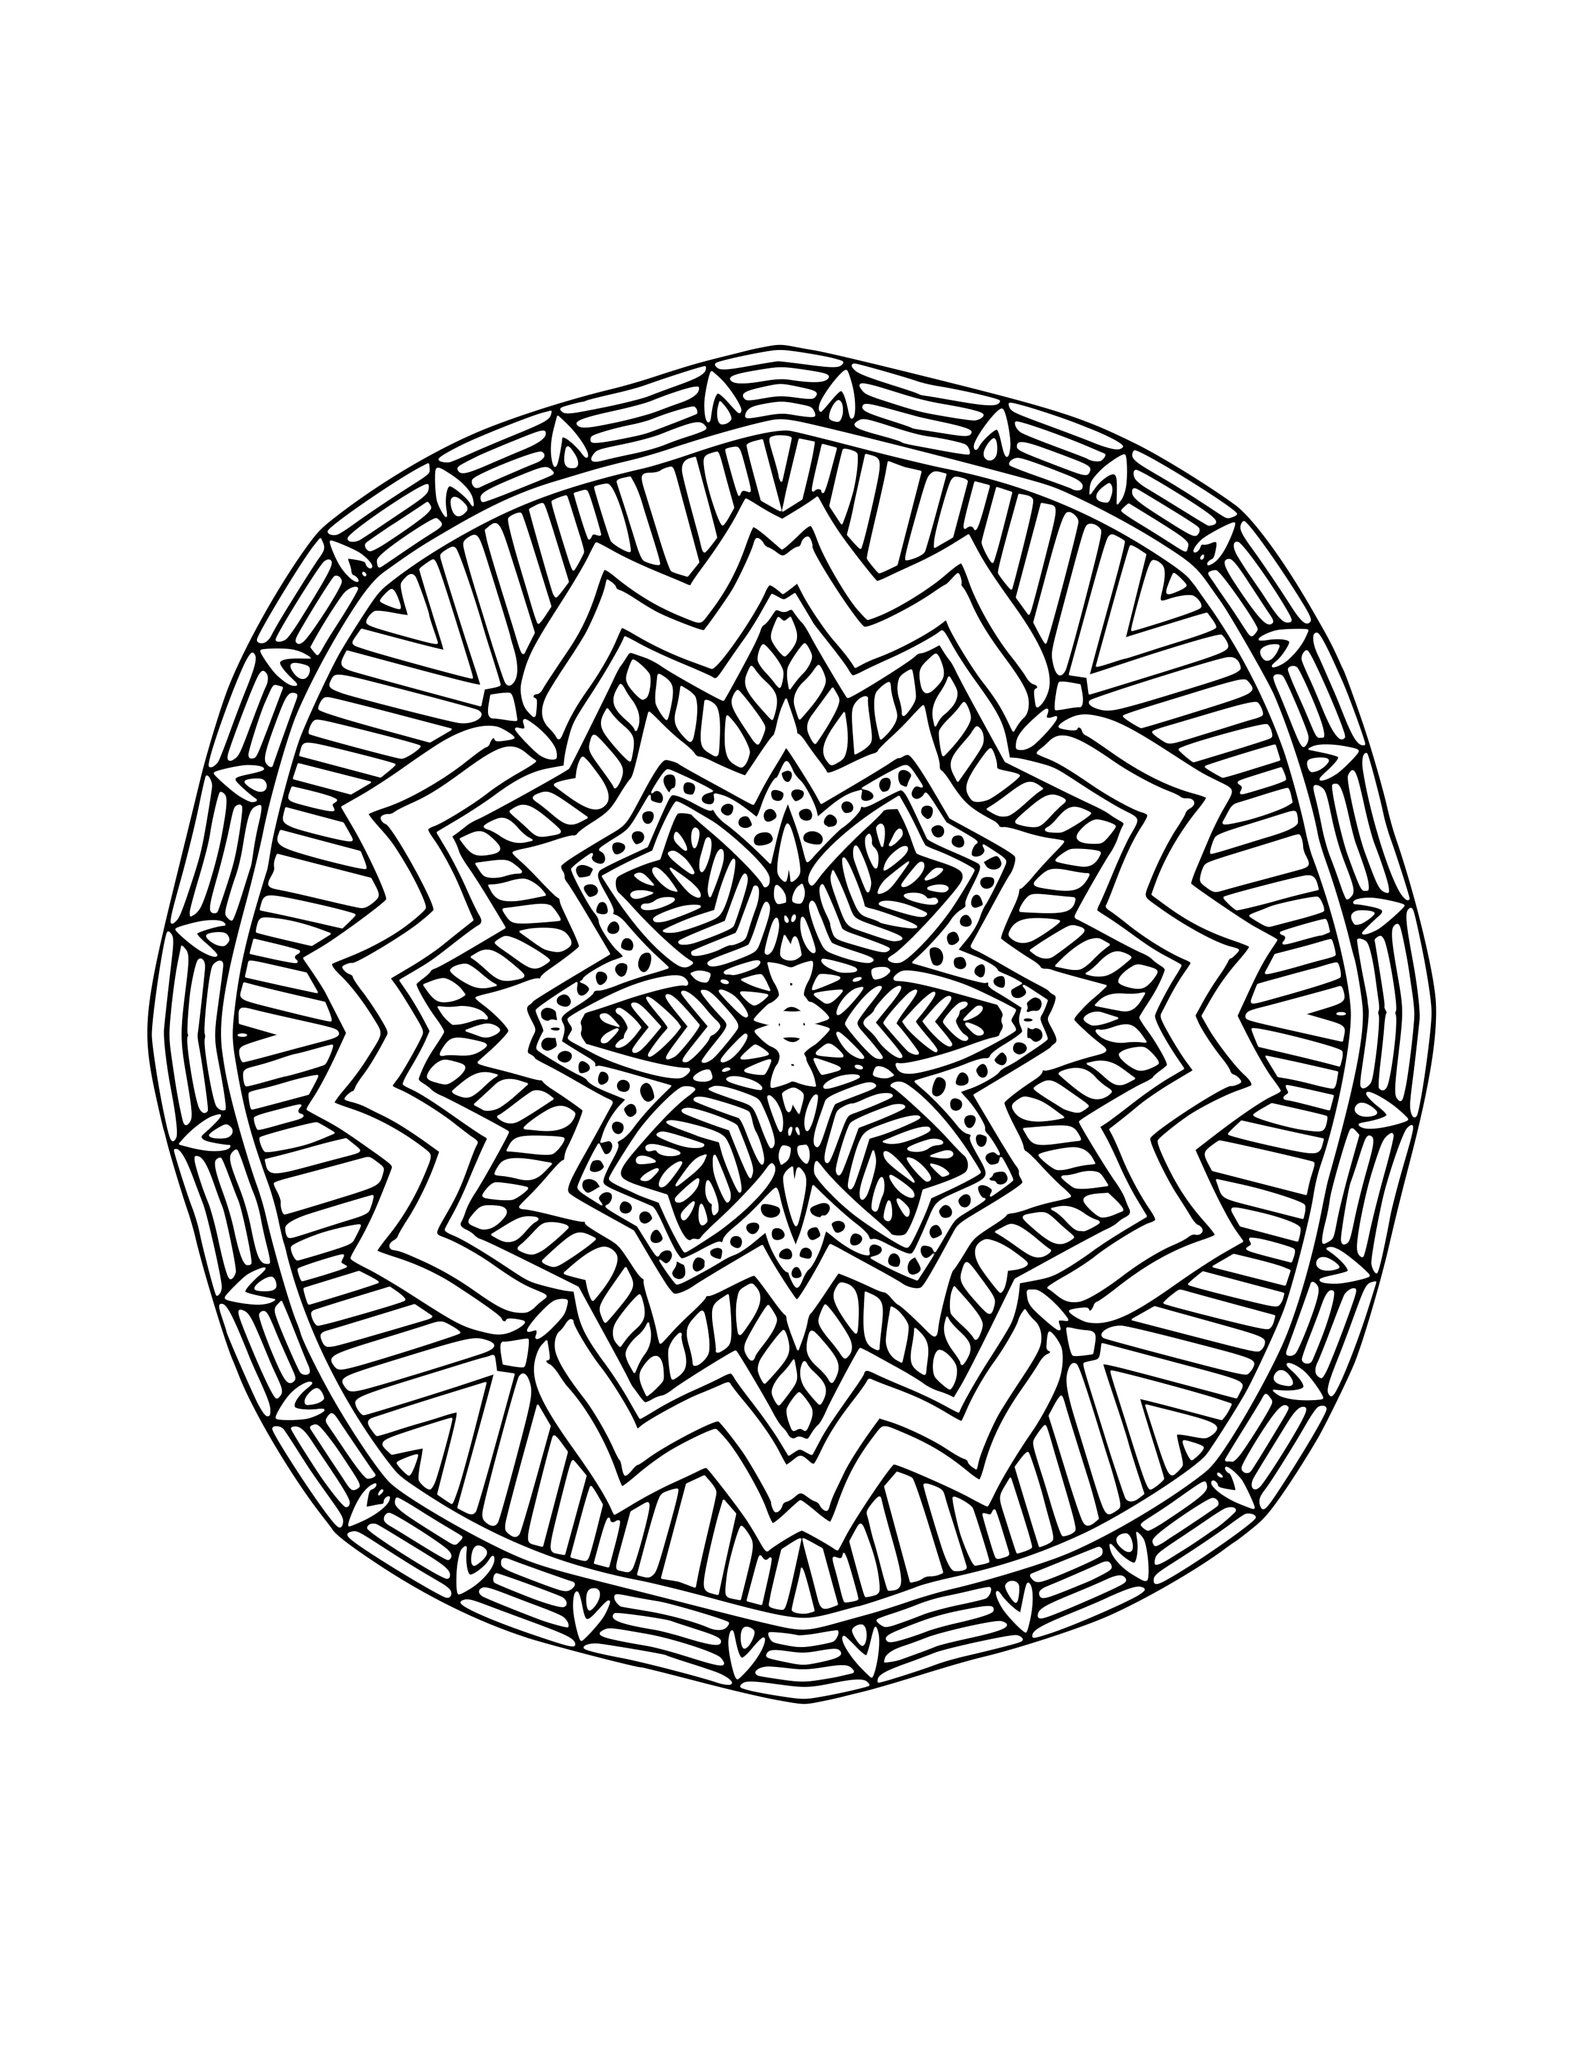 10 Mandala Coloring Sheets